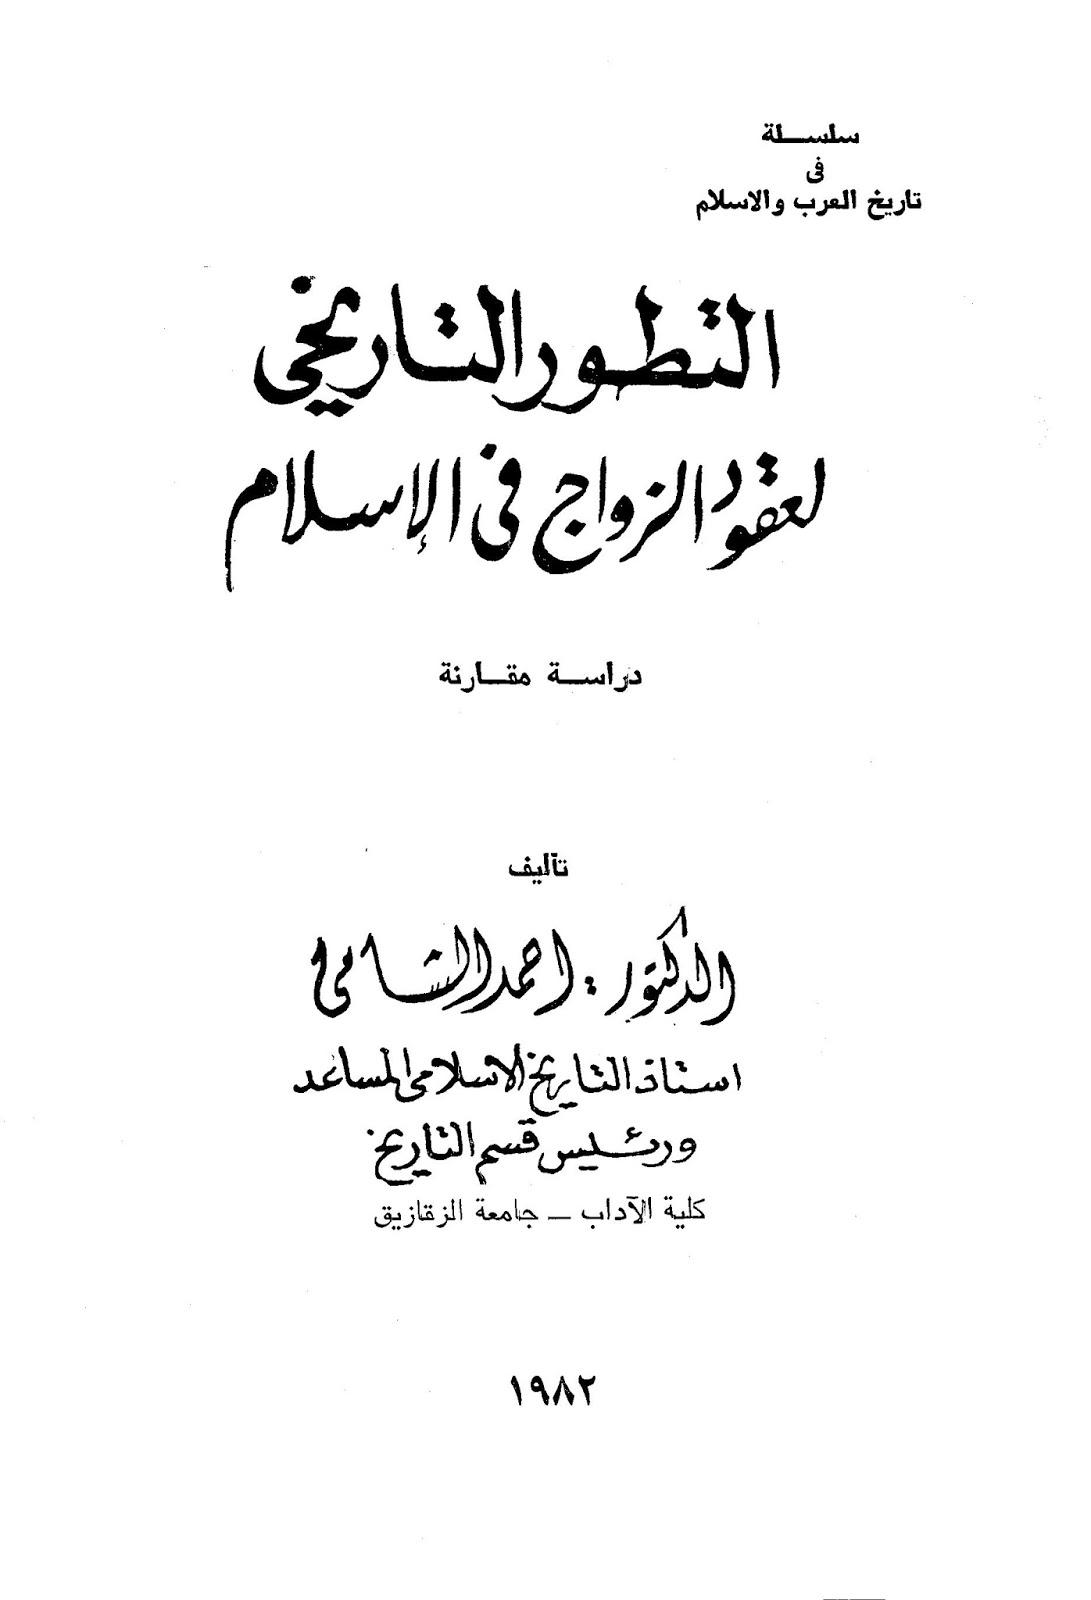 تحميل كتاب الاحوال الشخصية احمد الكبيسي